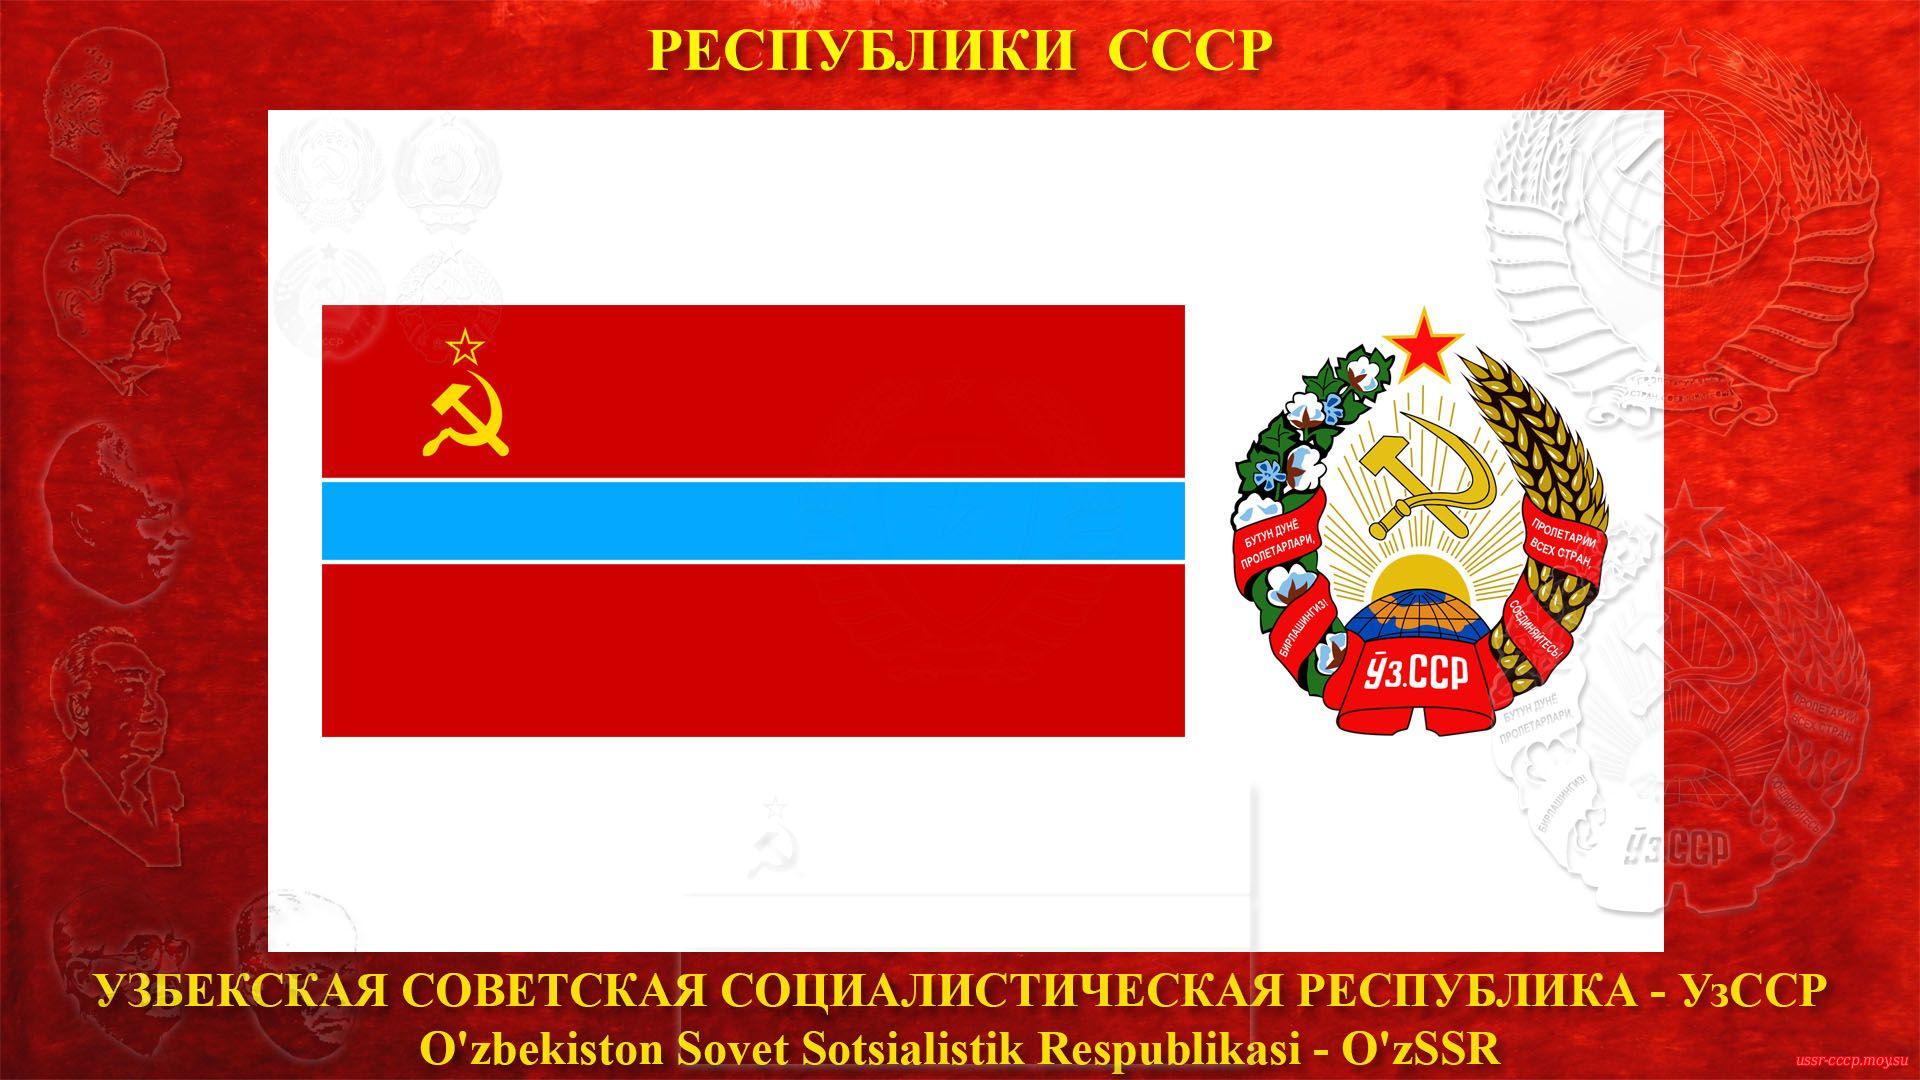 УзССР — Узбекская Советская Социалистическая Республика (13.05.1925 — де-юре)